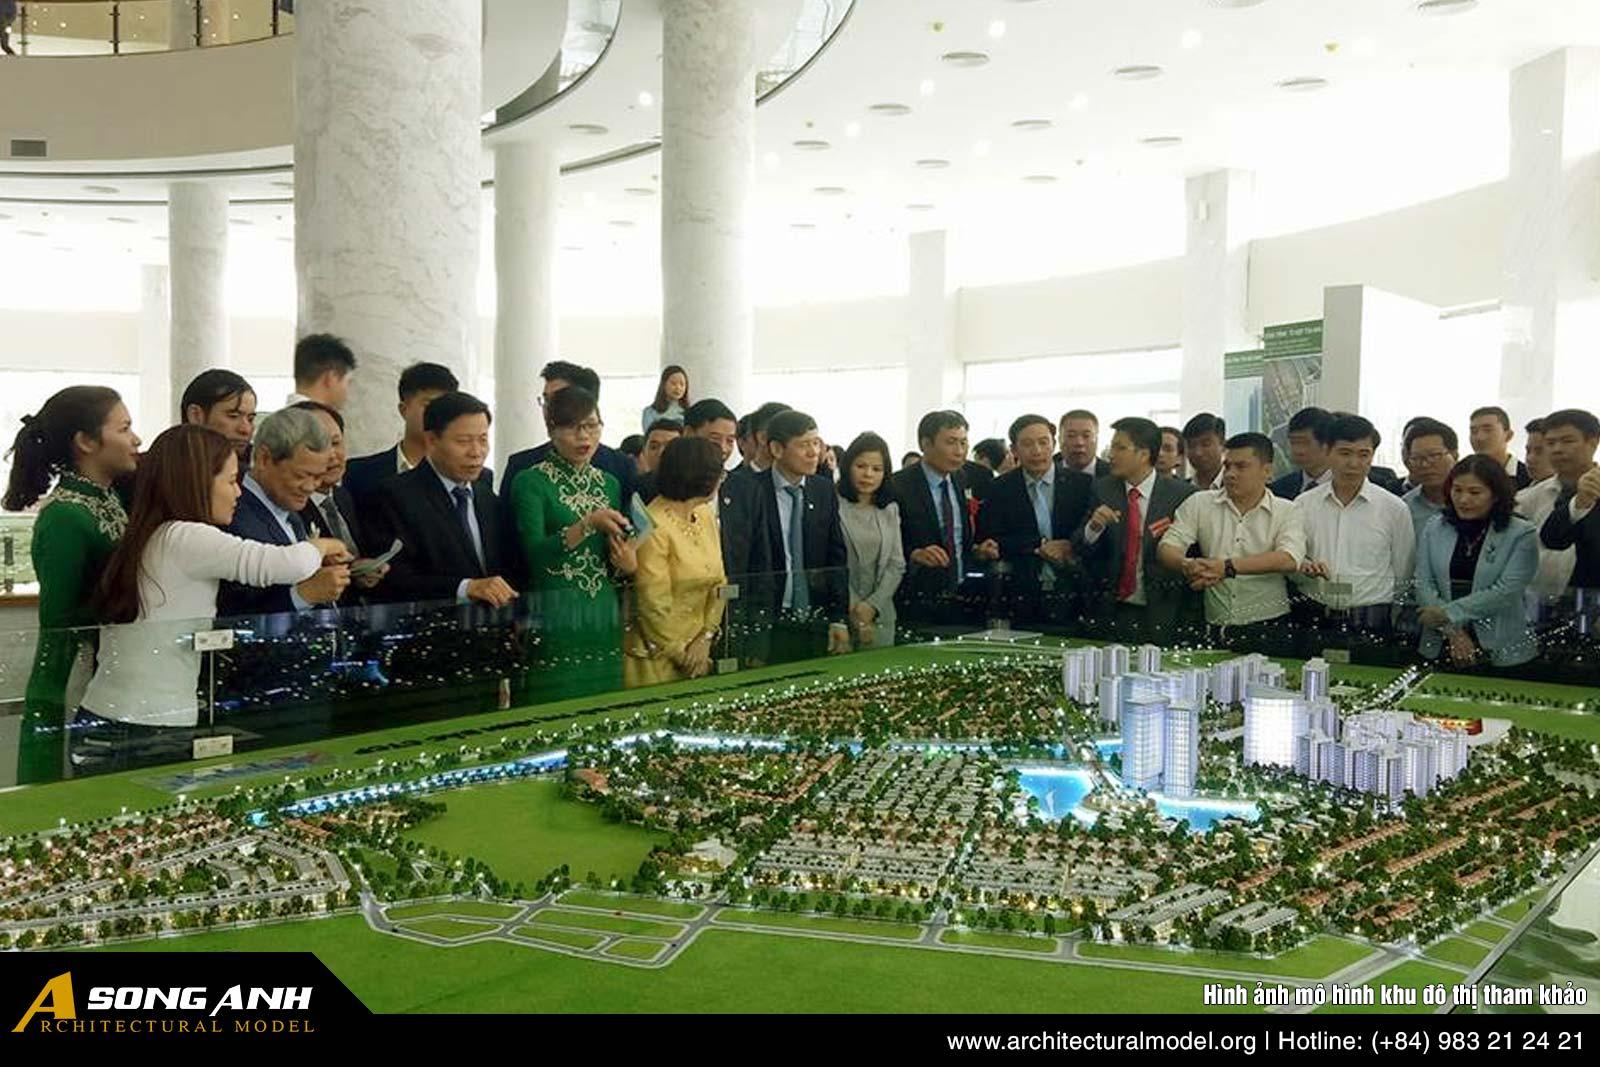 Hình ảnh mô hình khu đô thị tham khảo 1